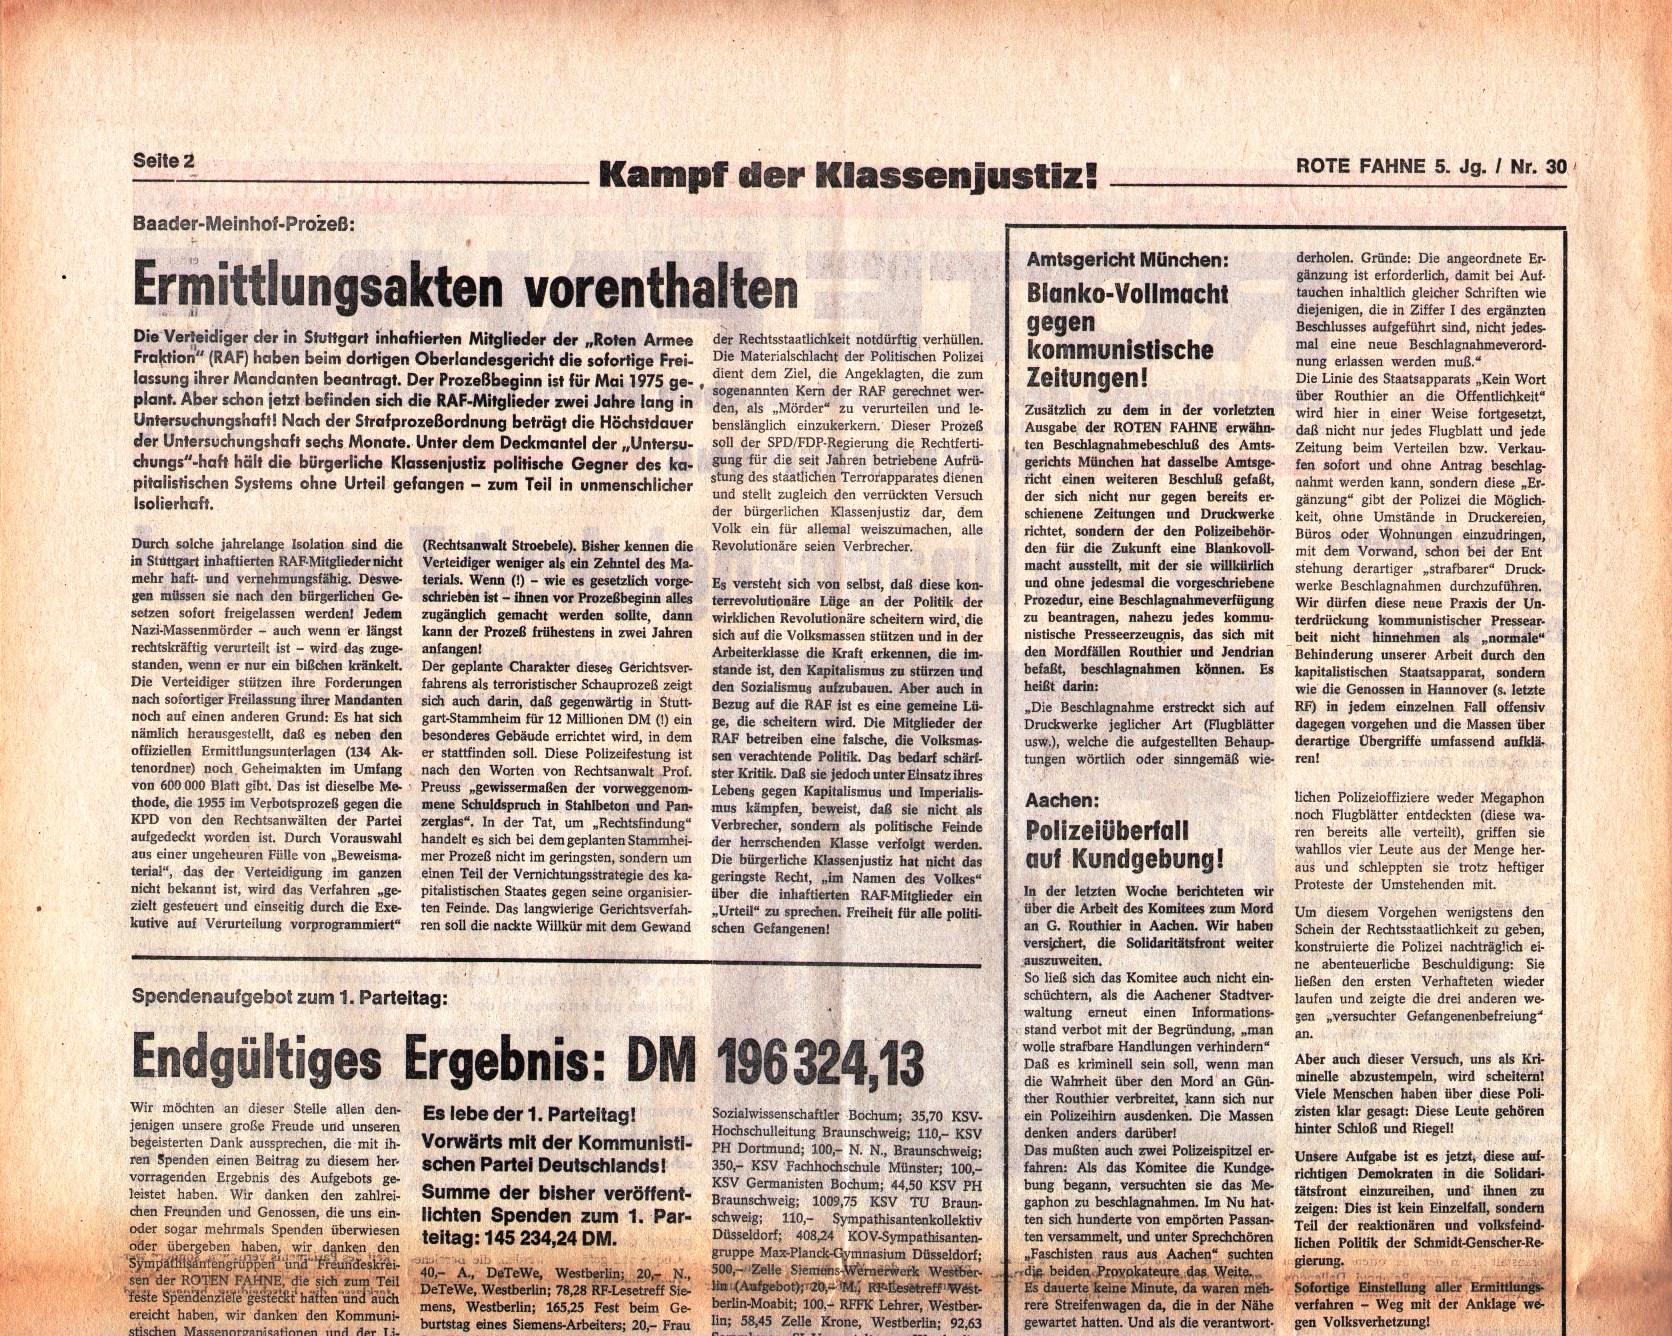 KPD_Rote_Fahne_1974_30_03